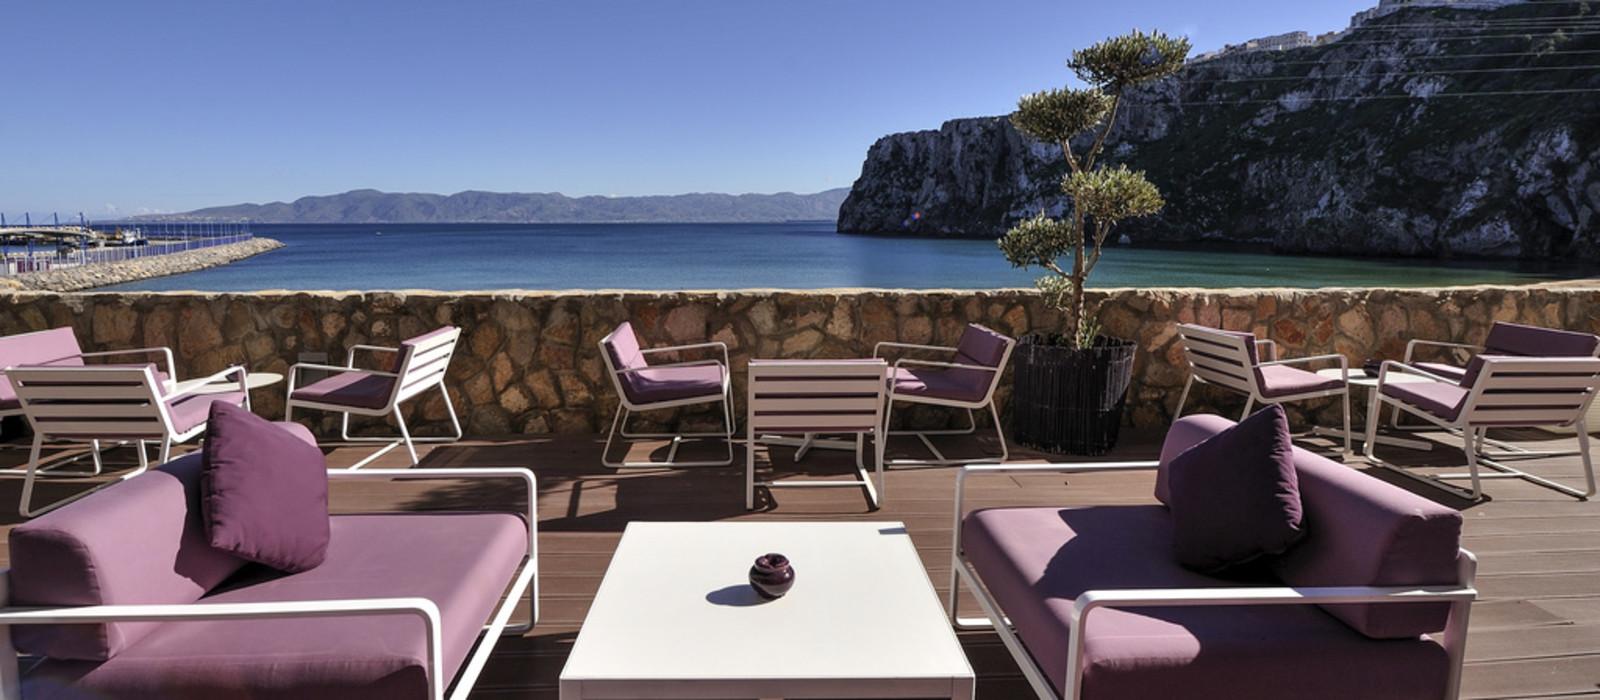 Hotel Mercure Quemado Marokko